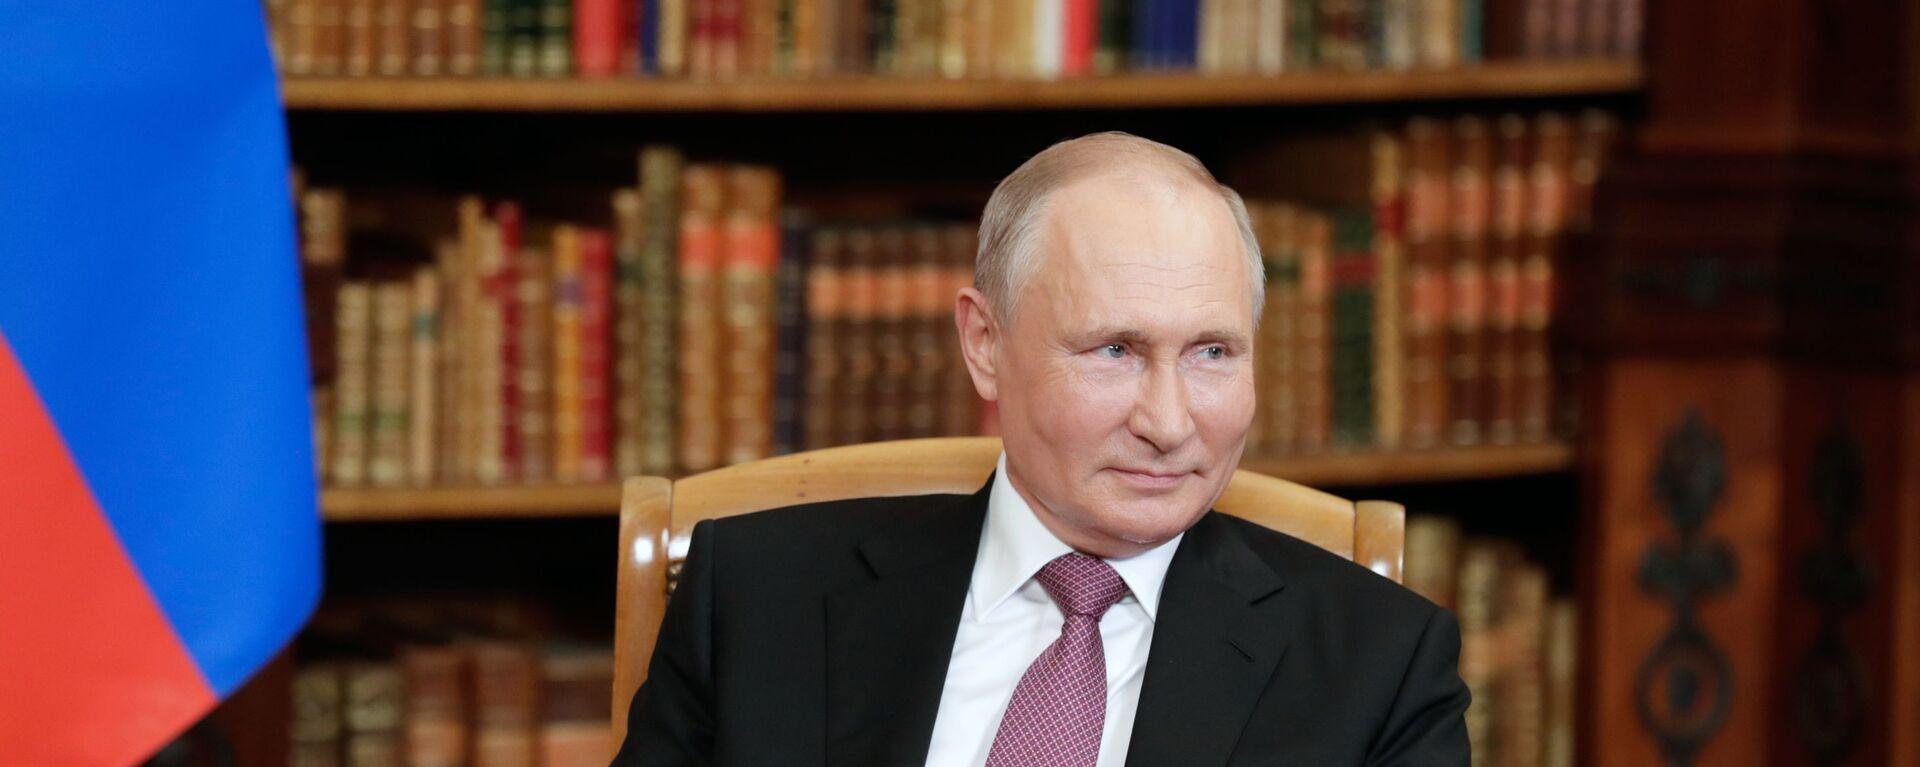 Ruský prezident Vladimir Putin na jednáních s americkým prezidentem Joe Bidenem v Ženevě - Sputnik Česká republika, 1920, 12.07.2021